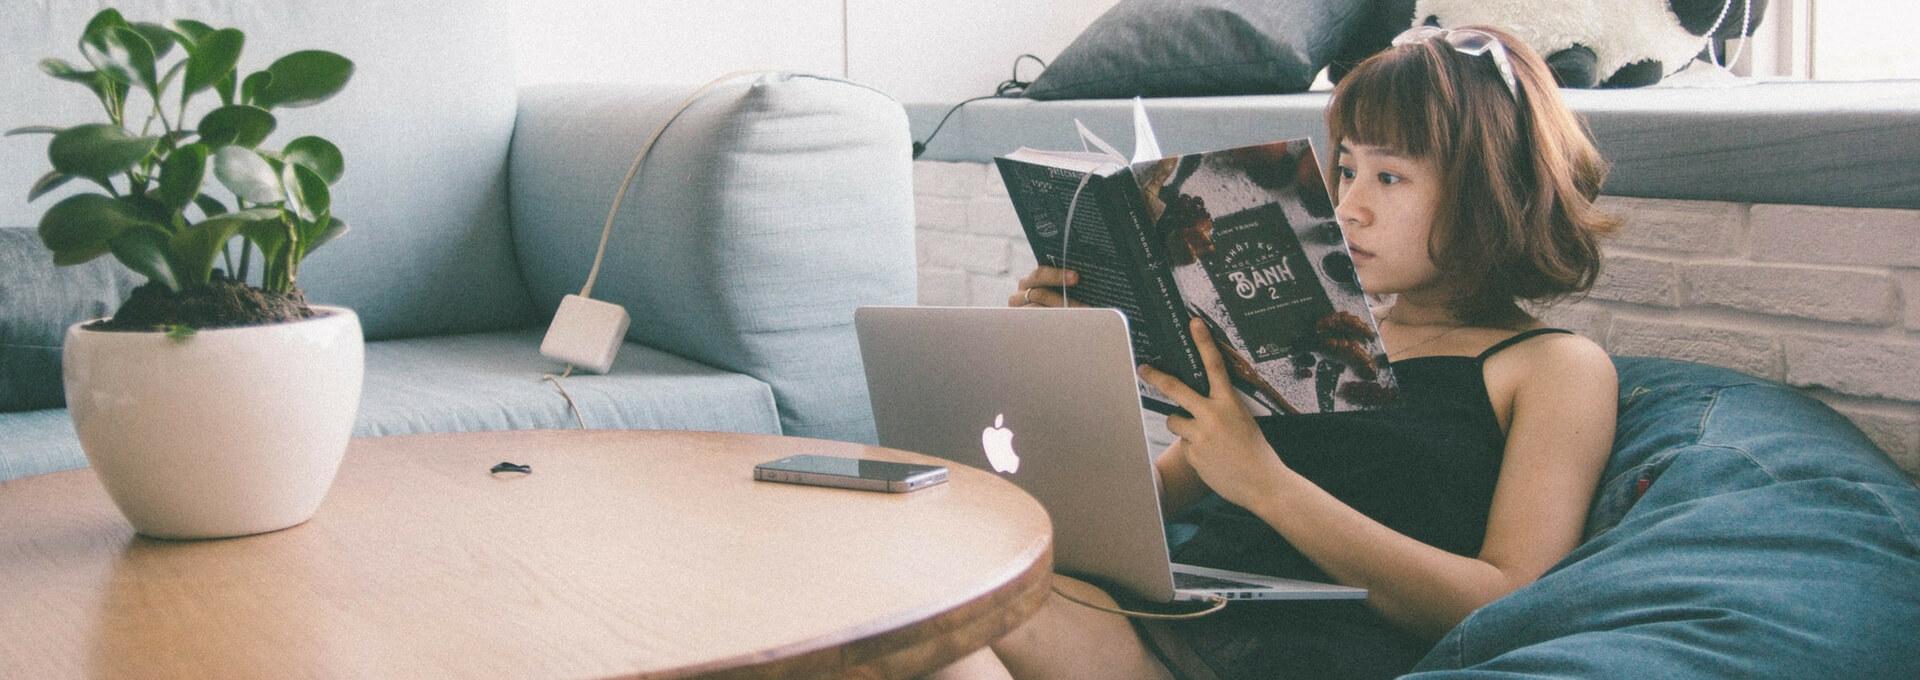 kultura czytanie ksiazek books macbook lifestyle worldmaster